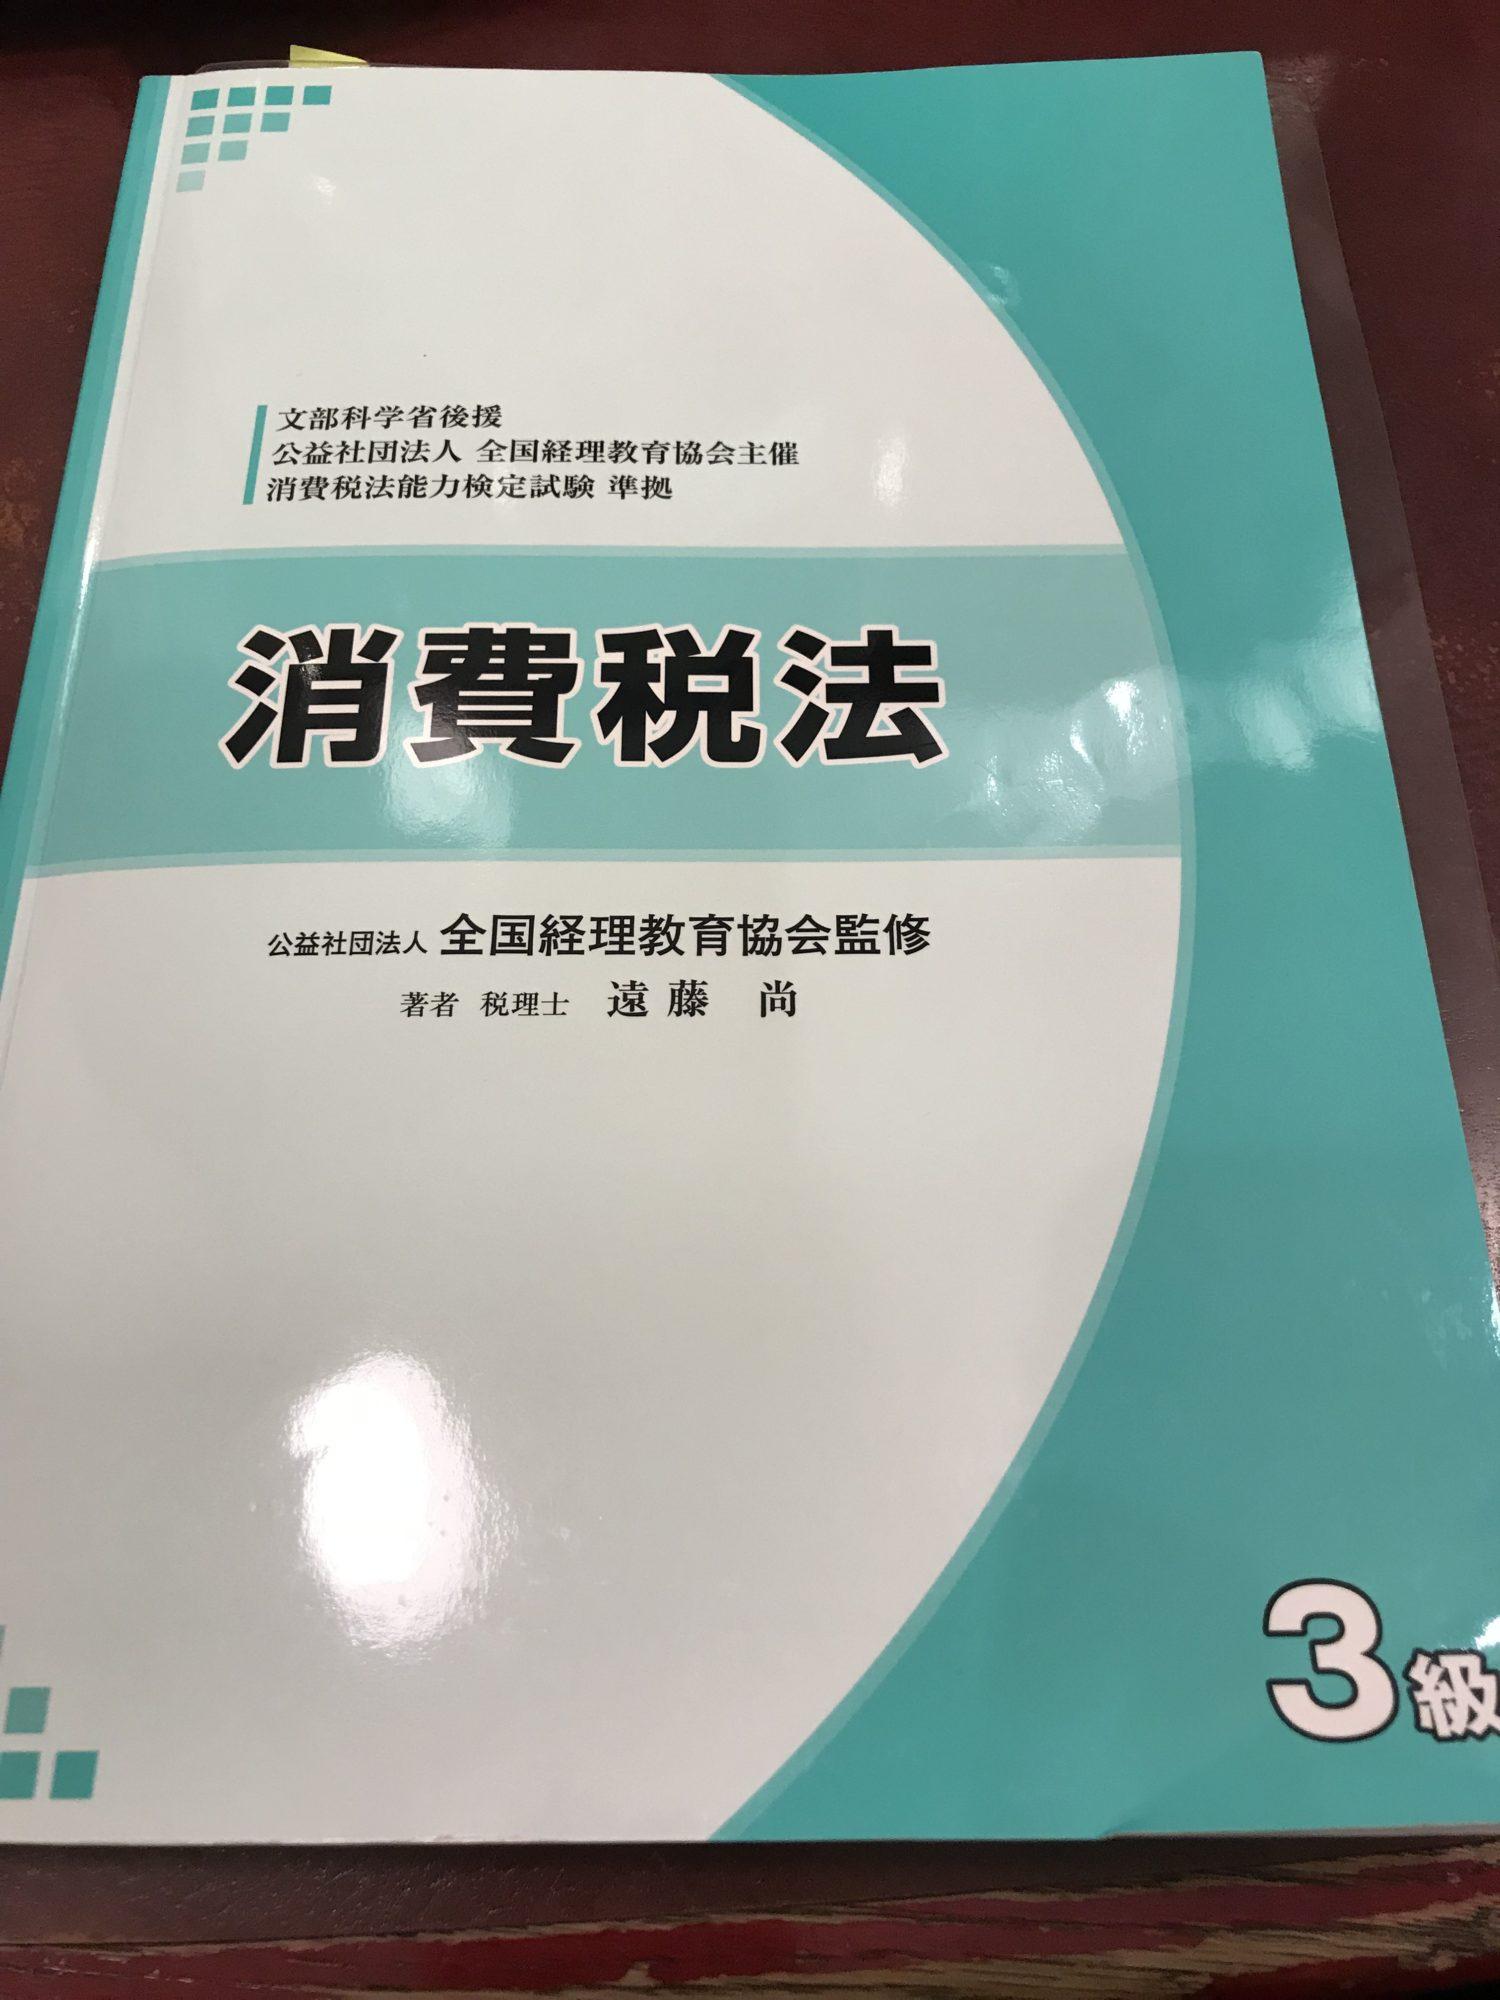 【勉強のコツ】忙しい人の為の時間術〜消費税法能力検定3級(全国経理教育協会)に向けて